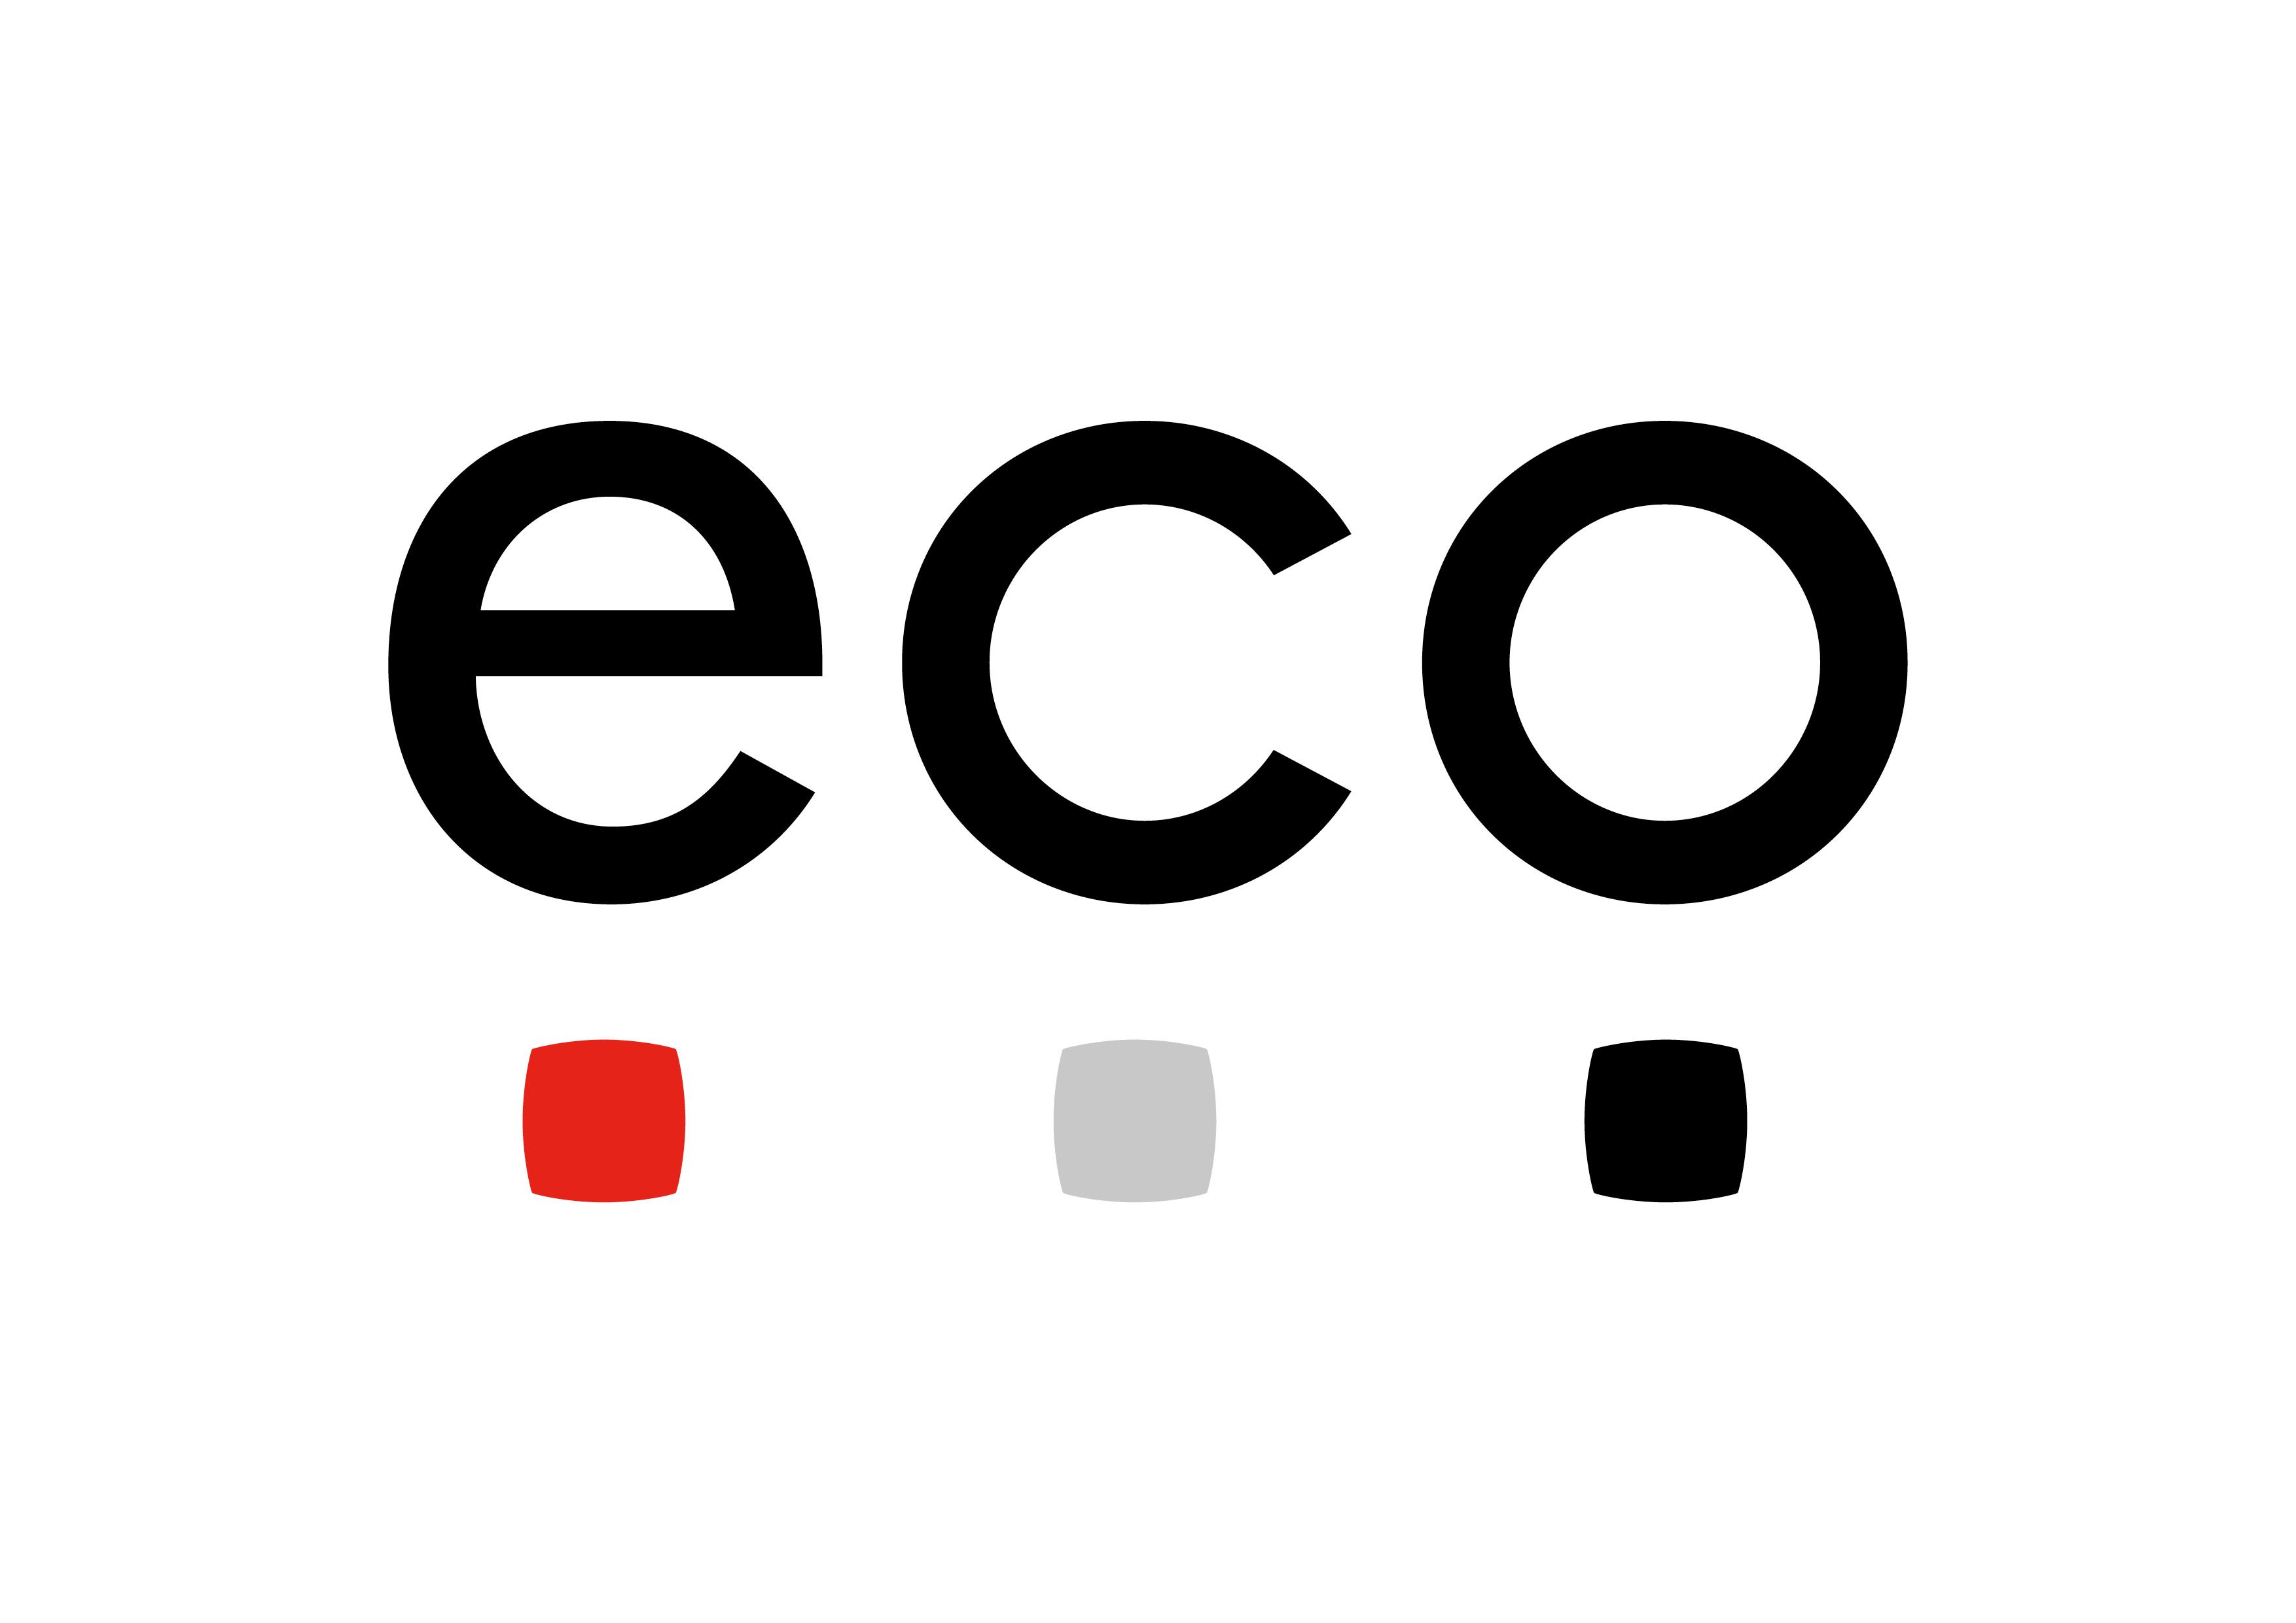 Deutsche-Politik-News.de | eco (www.eco.de) ist mit mehr als 650 Mitgliedsunternehmen der größte Verband der Internetwirtschaft in Europa.